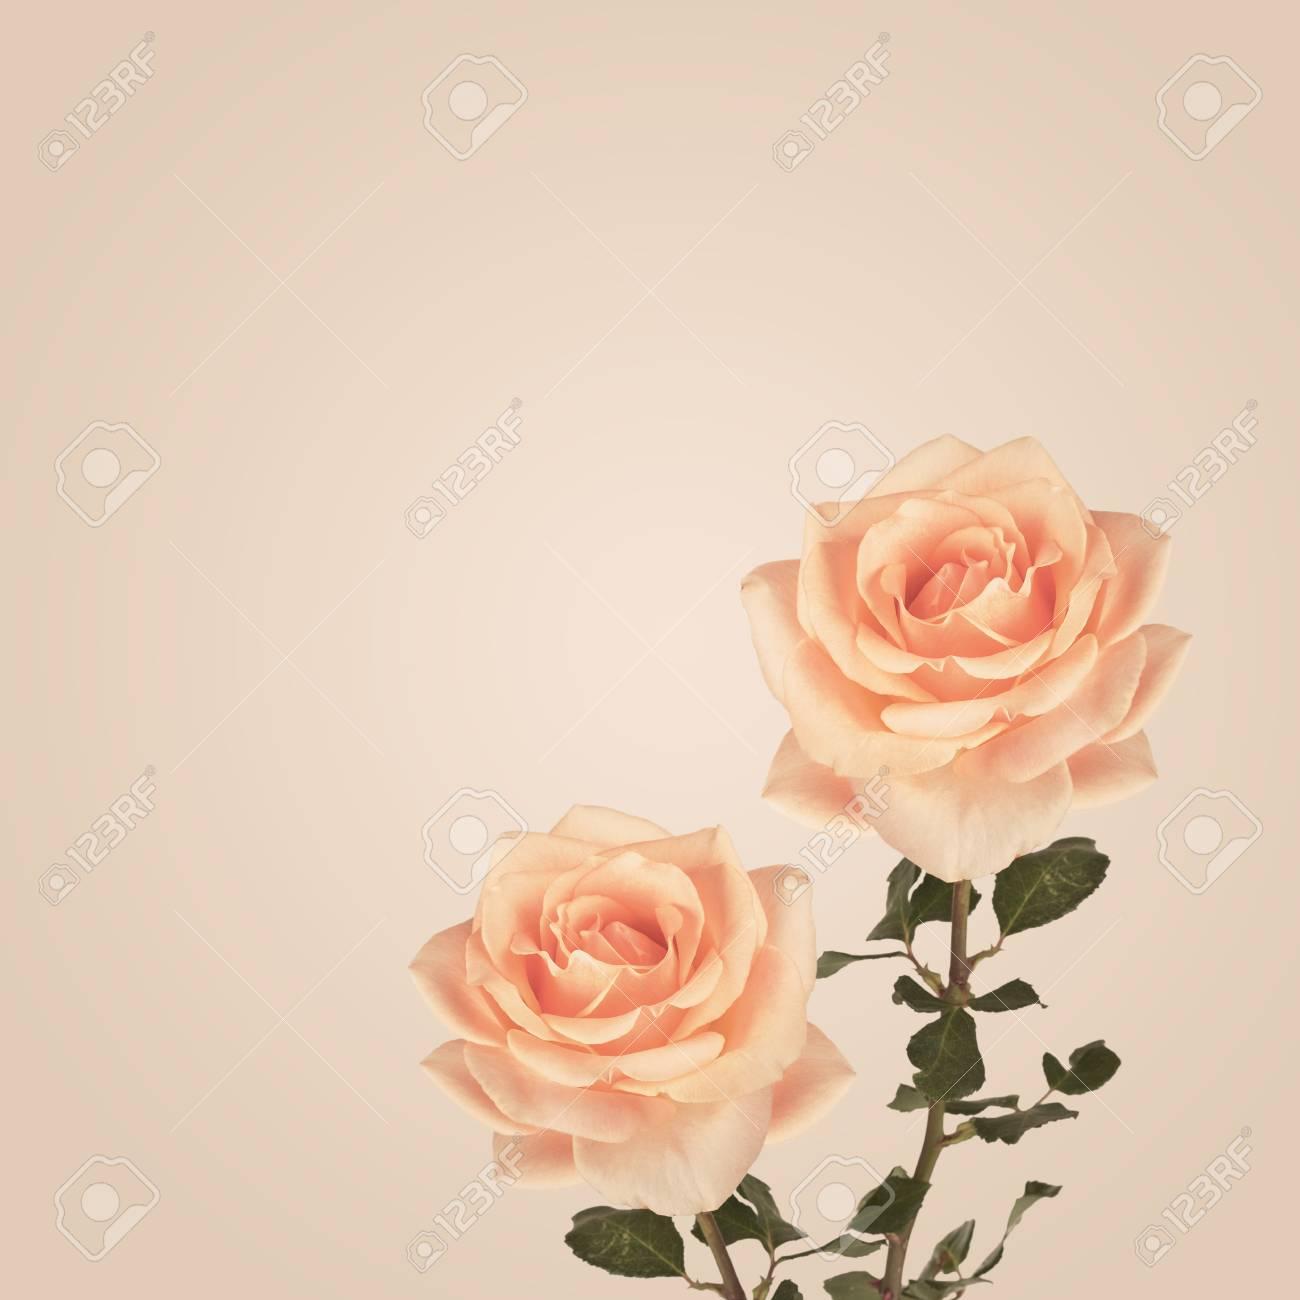 Immagini Stock Sfondo Vintage Con Fiori Di Rose Sfondo Retrò